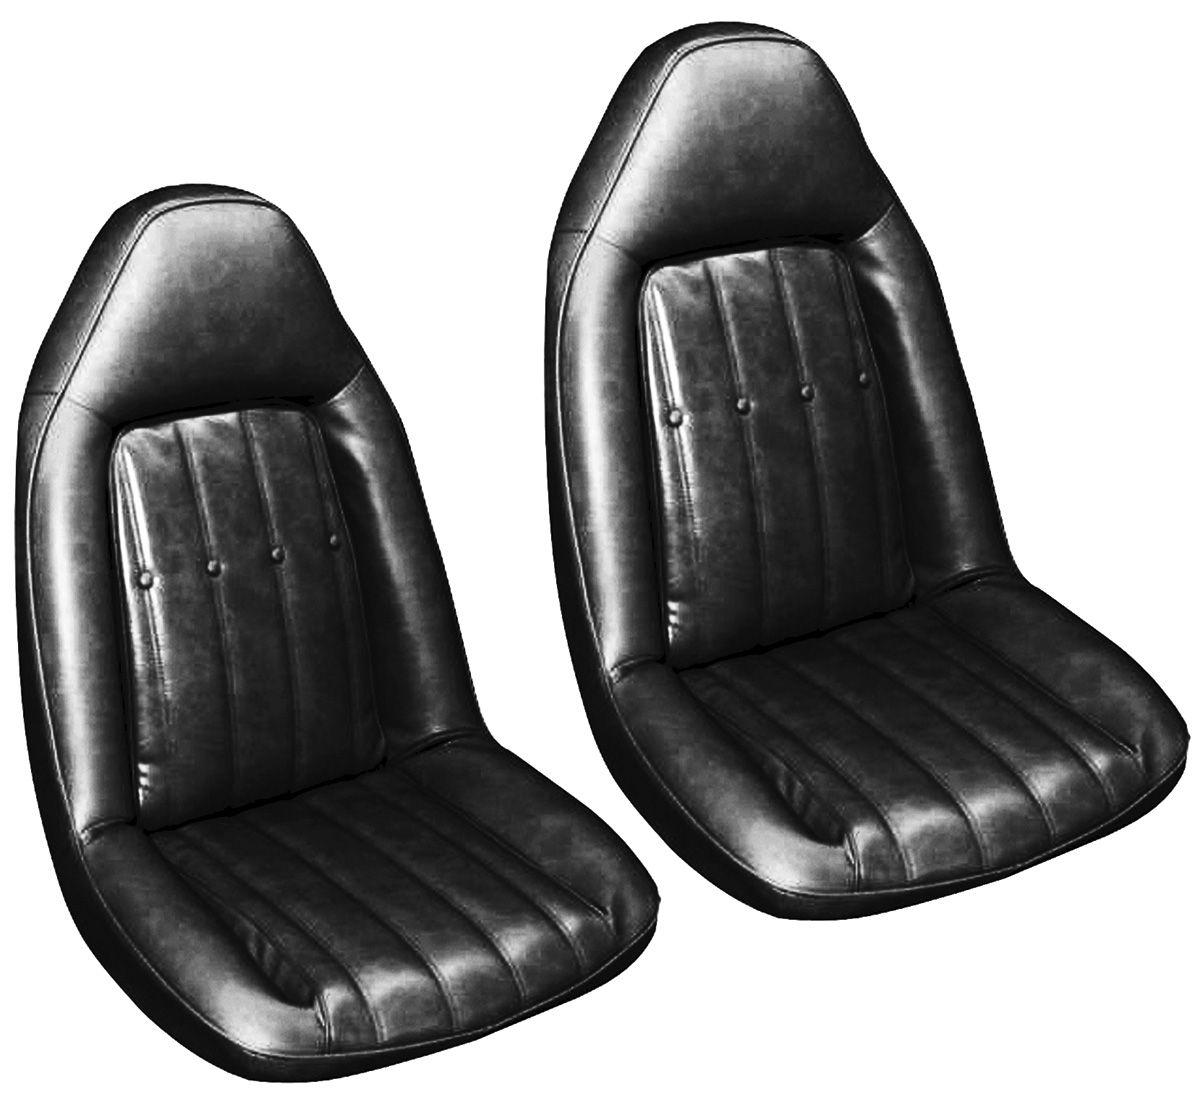 Magnificent Seat Upholstery 1977 Monte Carlo Swivel Front Buckets Inzonedesignstudio Interior Chair Design Inzonedesignstudiocom